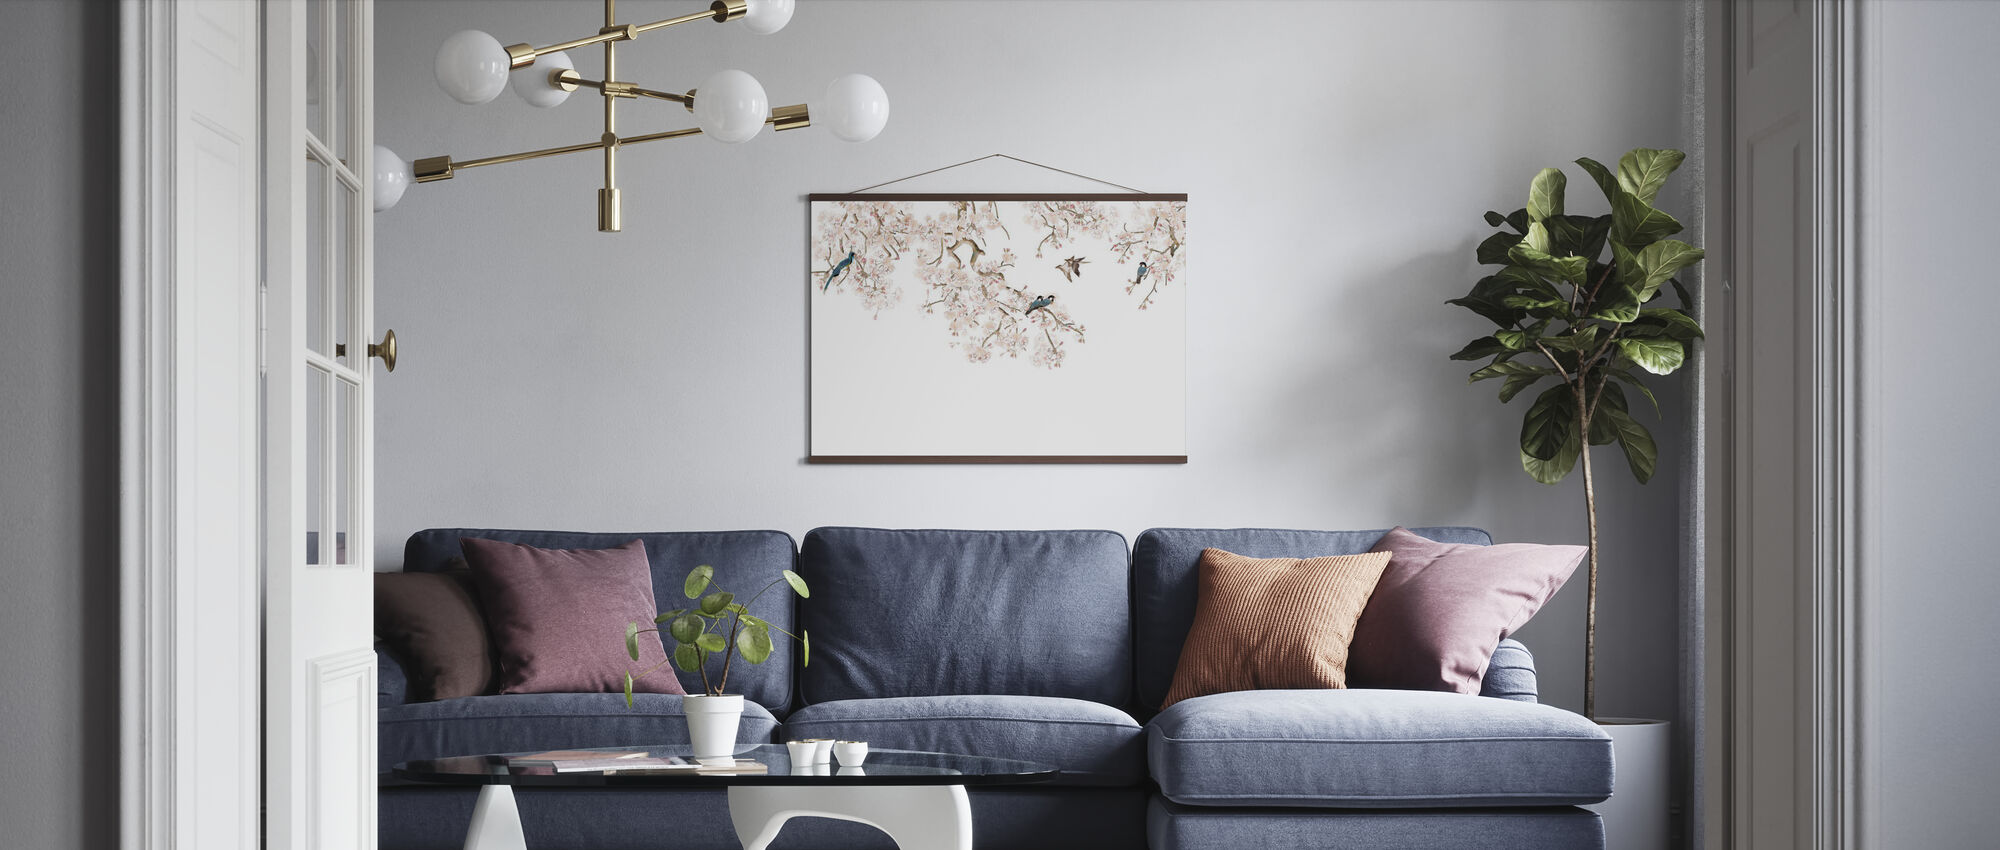 Birds Hangout - Poster - Living Room